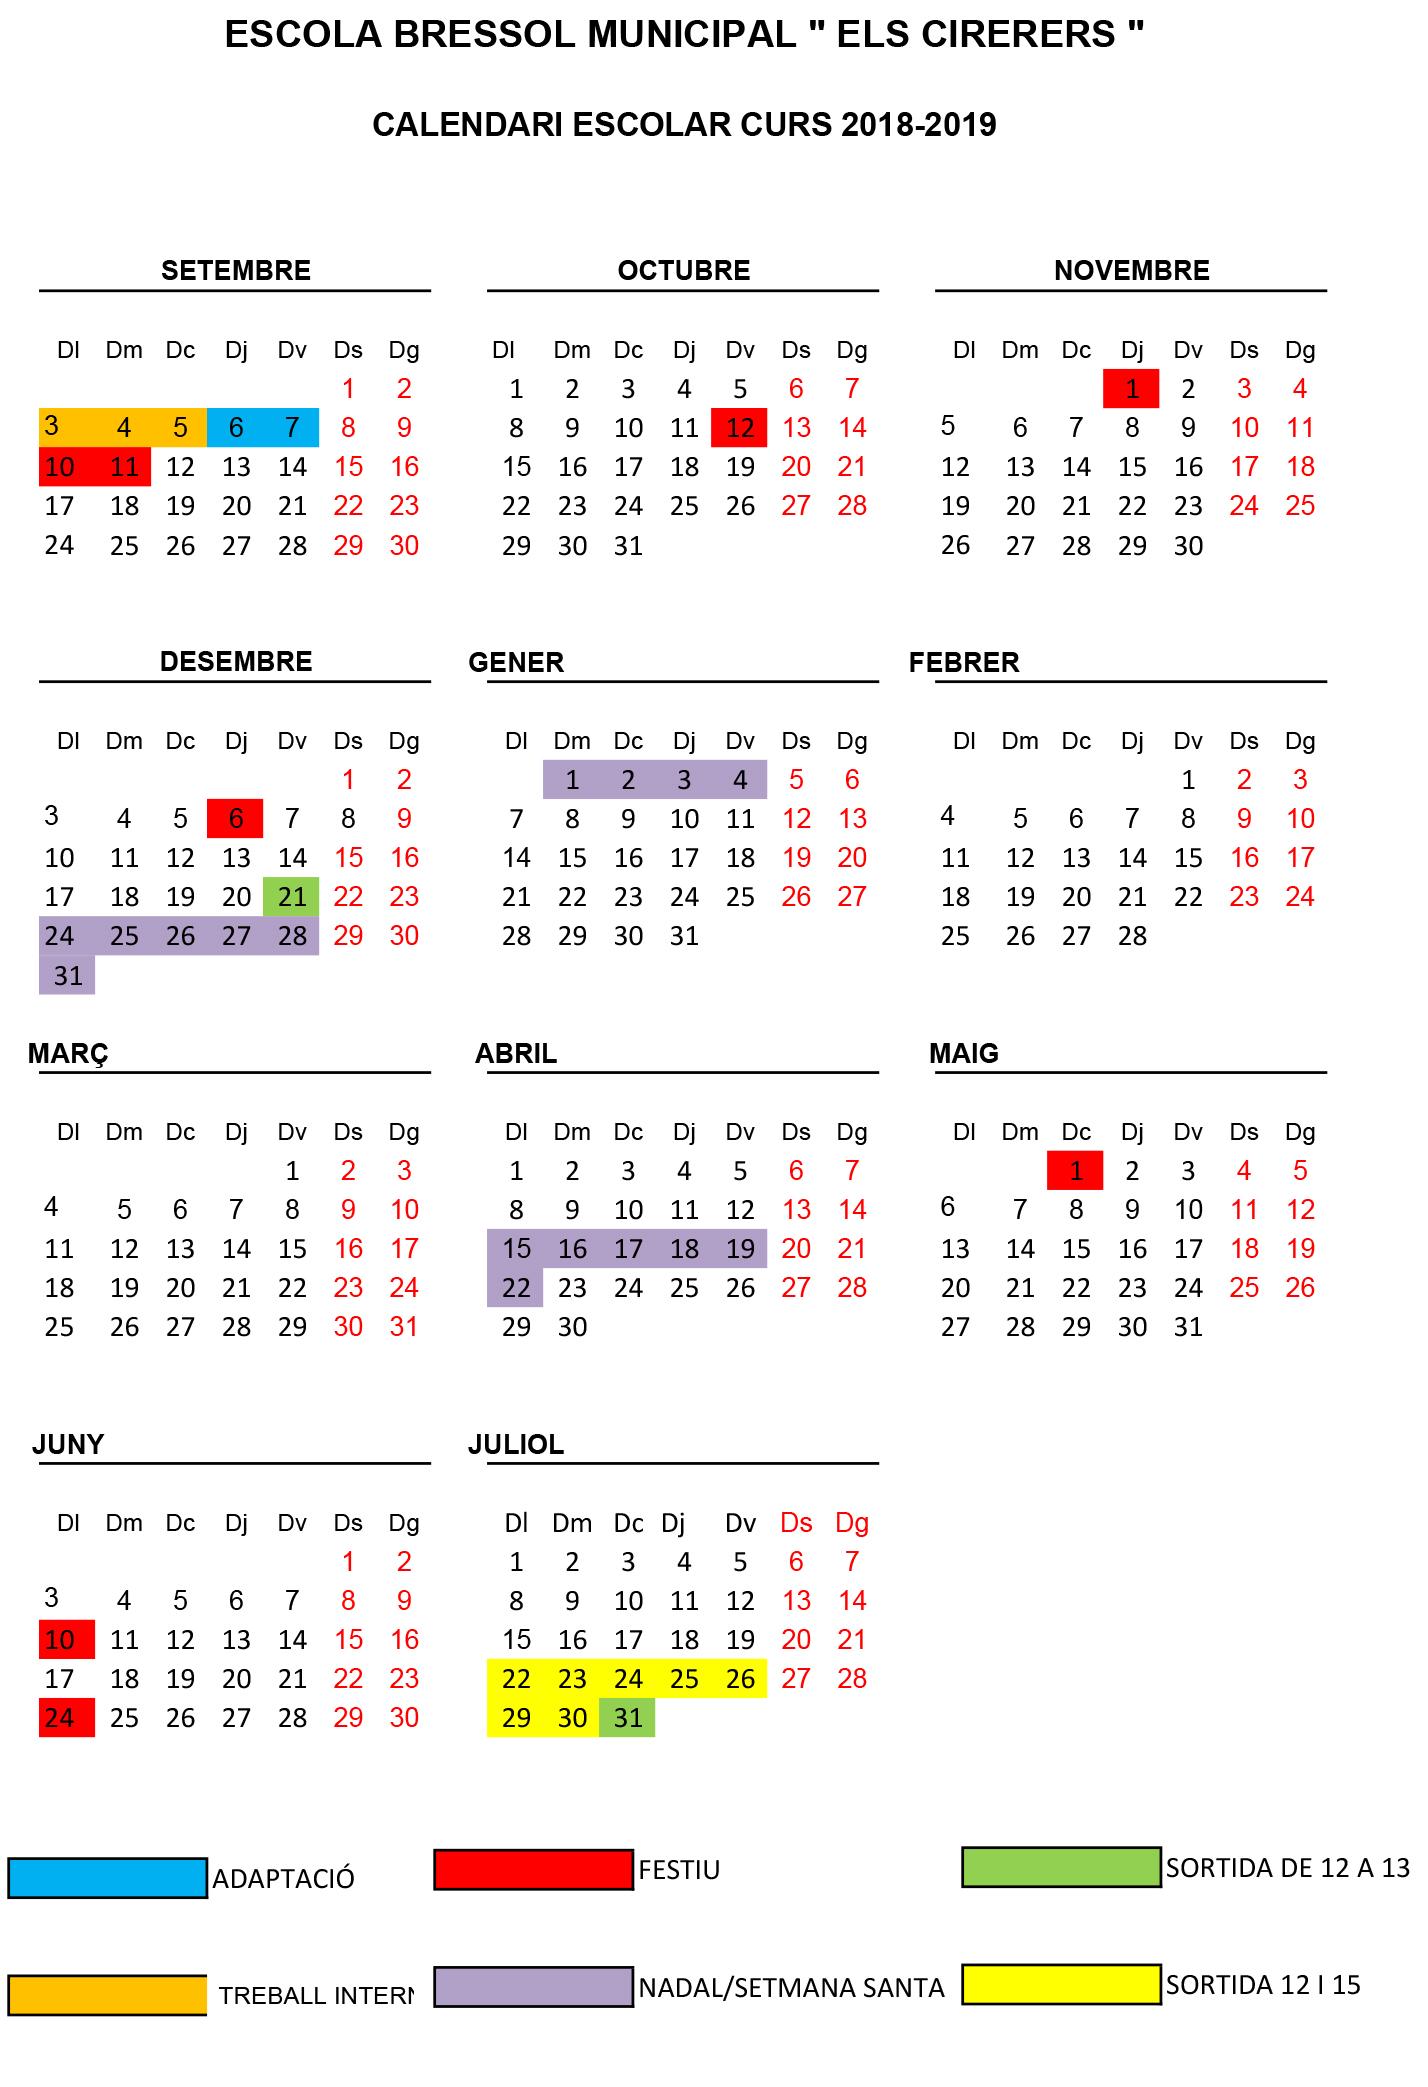 calendari 18-19 ELS CIRERERS (1).xlsx